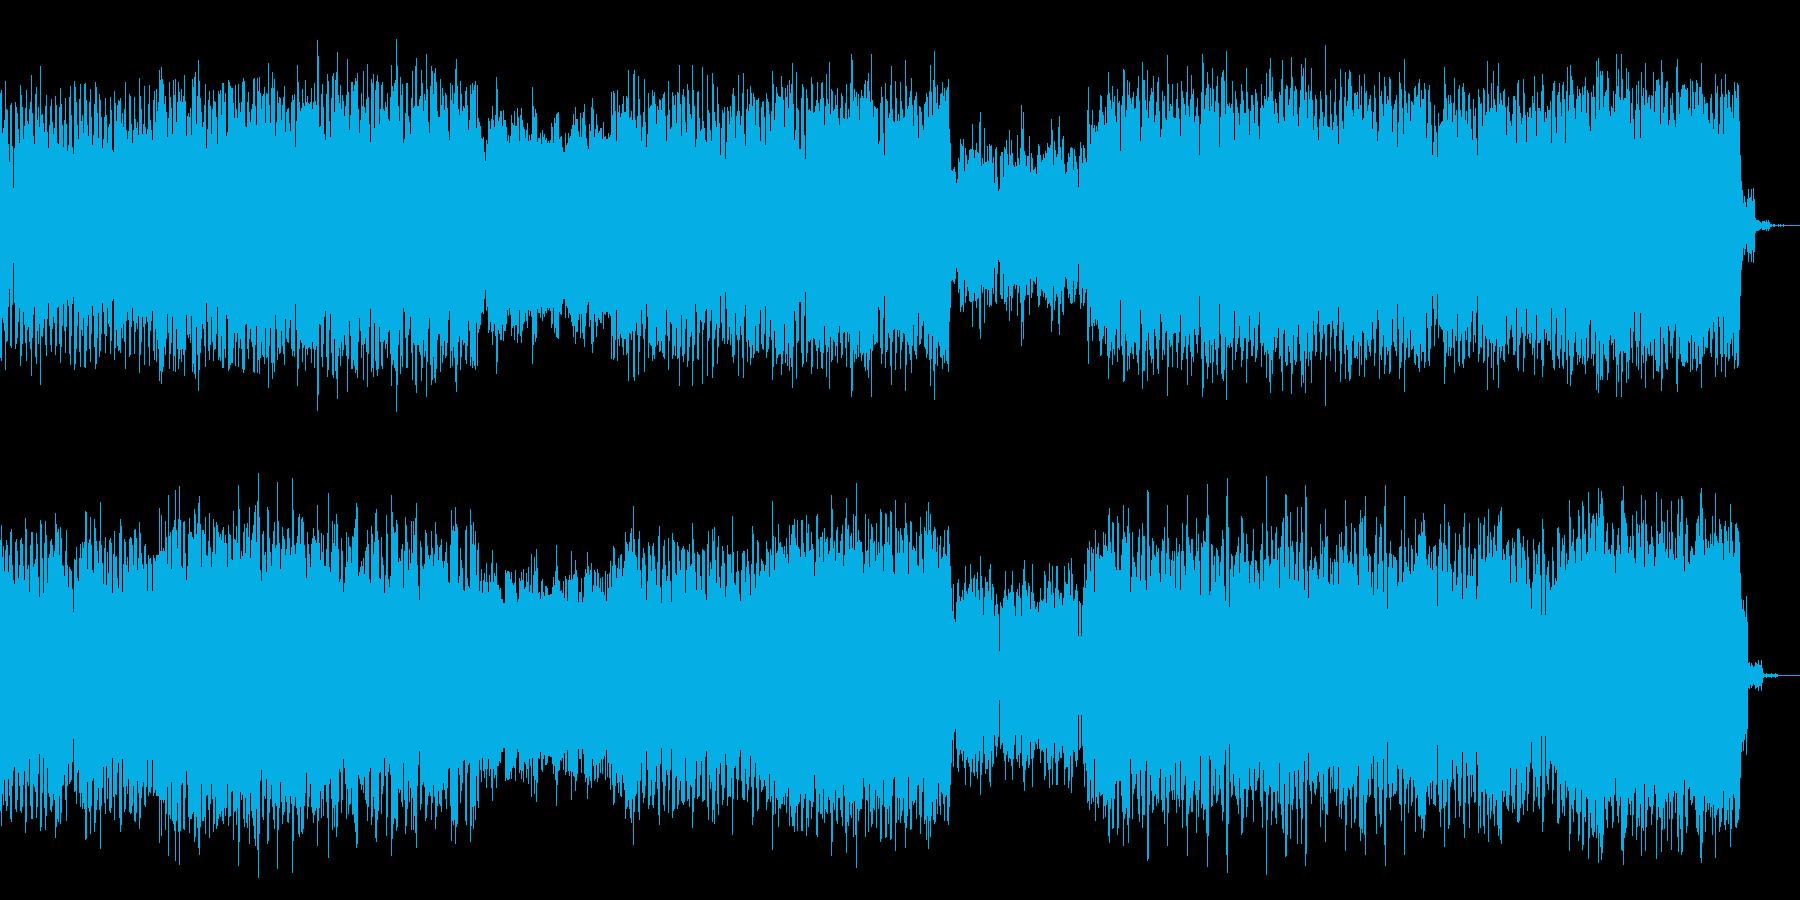 幻想的なアンビエント感があるテクノの再生済みの波形